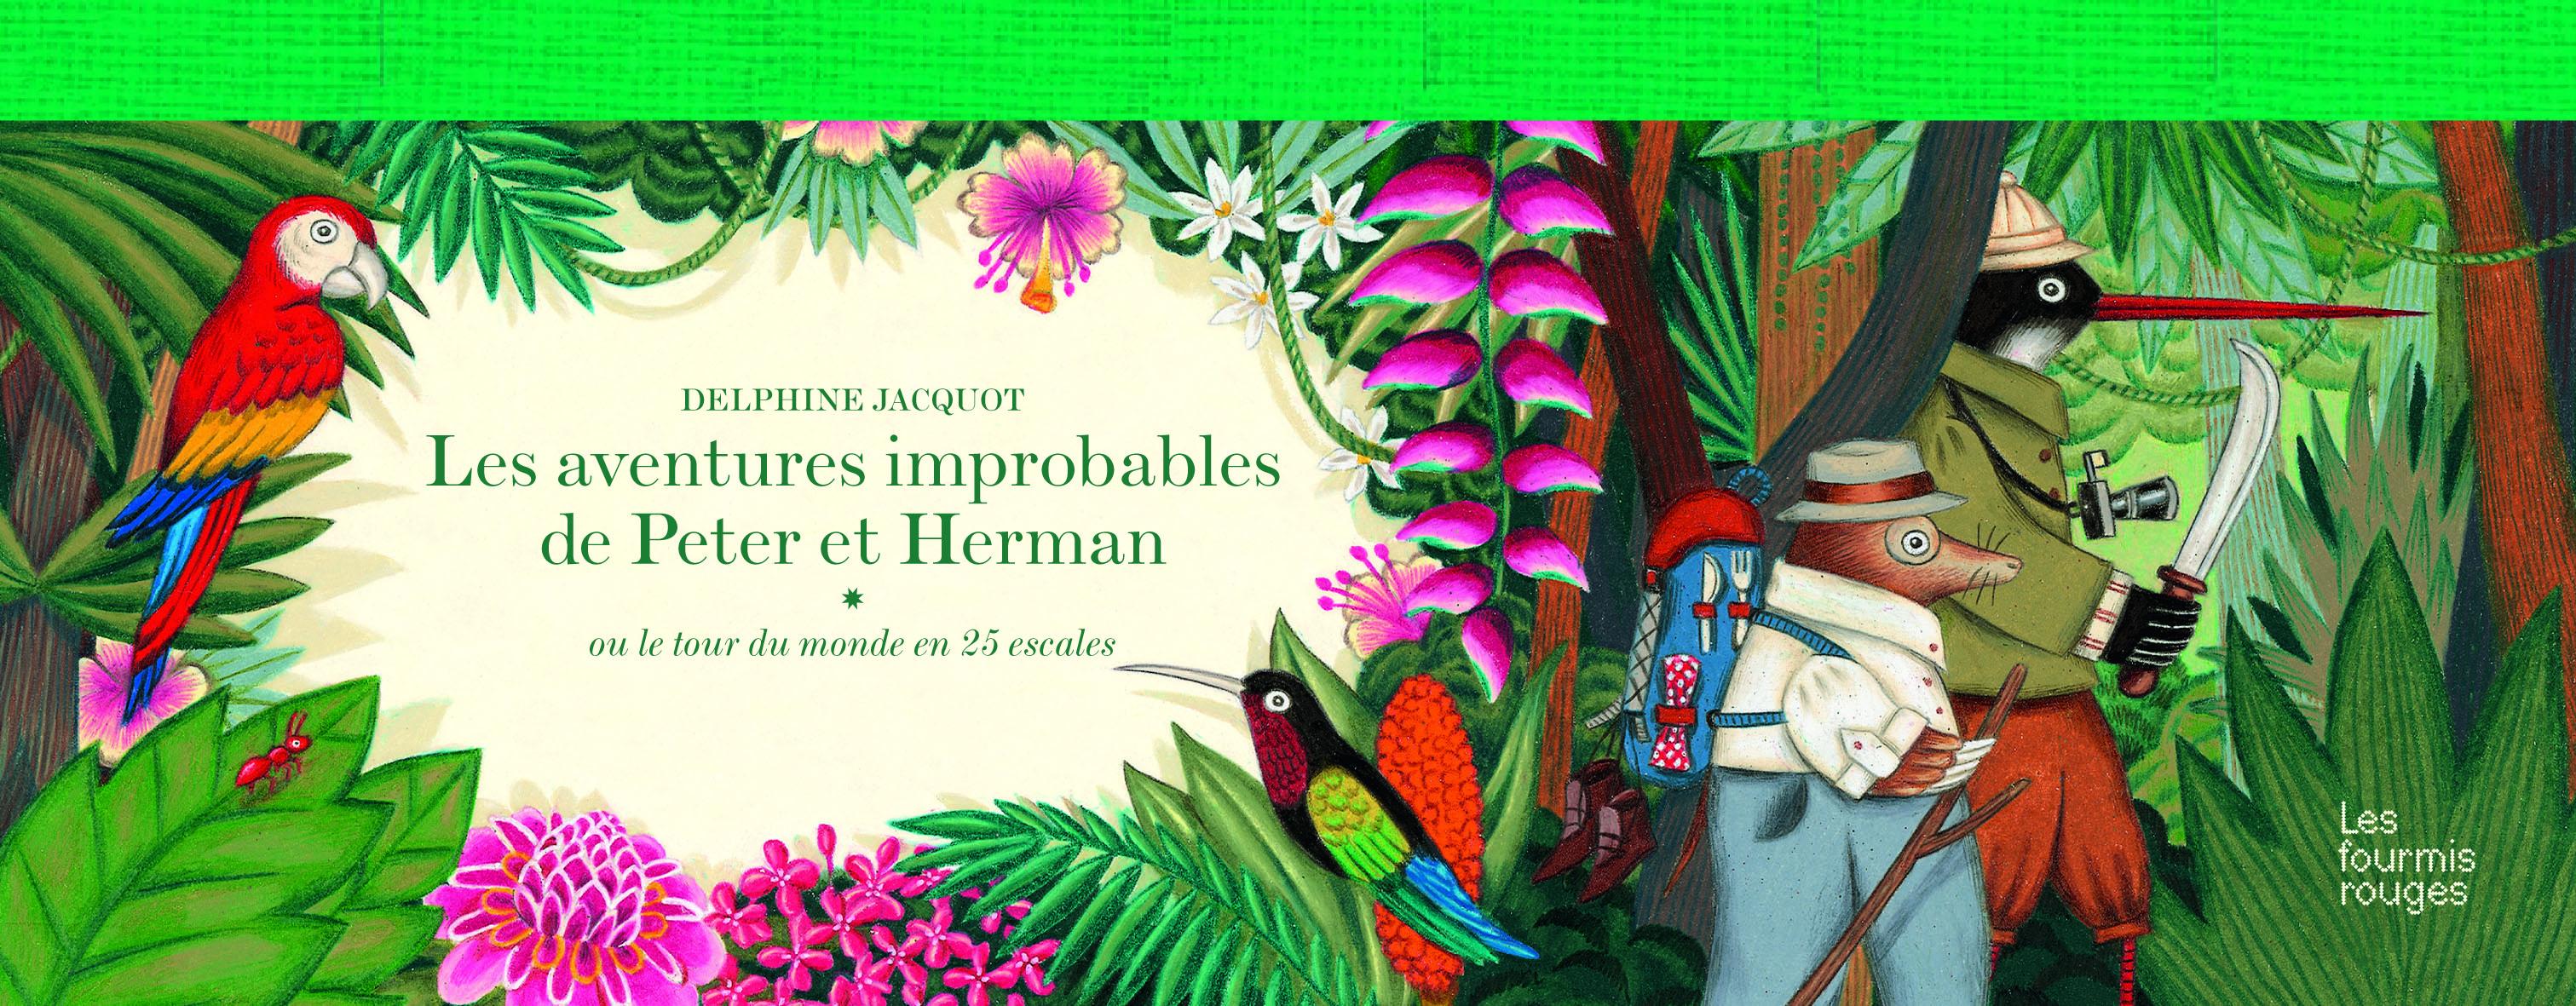 http://latitude-litteraire.fr/wp-content/uploads/2013/12/plat1_peter-hermann.jpg